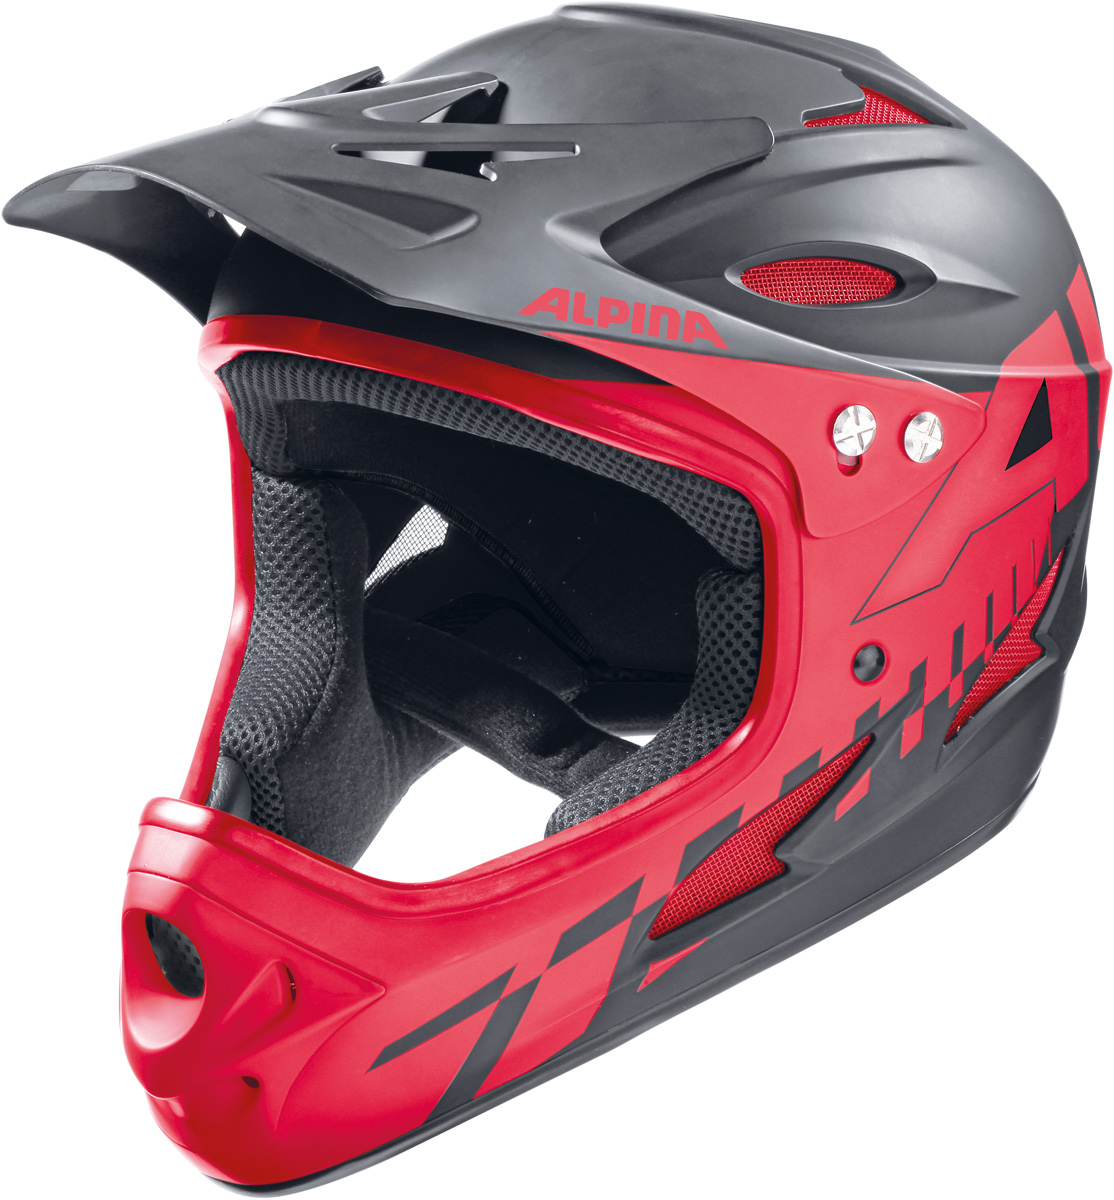 Шлем горнолыжный Alpina Fullface, цвет: черный, красный. A9689_32. Размер 55-56A9689_32Шлем-фуллфейс удовлетворит самые требовательные пожелания относительно защиты лица и головы. Alpina Fullface сертифицирован сразу по двум EN-стандартам: как горнолыжный (EN-1077), и как велосипедный шлем для экстремальных дисциплин (EN-1078). Модель Alpina Fullface является одной из самых легких в своем классе.Характеристики:- Шлем имеет максимально надежную и долговечную Hardshell конструкцию - предварительно отлитая оболочка из ударопрочного пластика ABS прочно соединена с внутренней оболочкой из вспененного полистирола.- Вентиляционные отверстия препятствуют перегреву и позволяют поддерживать идеальную температуру внутри шлема. Для этого инженеры Alpina используют эффект Вентури, чтобы сделать циркуляцию воздуха постоянной и максимально эффективной.- Регулируемый козырек.- Вентиляционные отверстия в передней части шлема снабжены противомоскитной сеткой.- Вместо фастекса на ремешке используется красная кнопка с автоматическим запирающим механизмом, которую легко использовать даже в лыжных перчатках. Механизм защищён от произвольного раскрытия при падении.